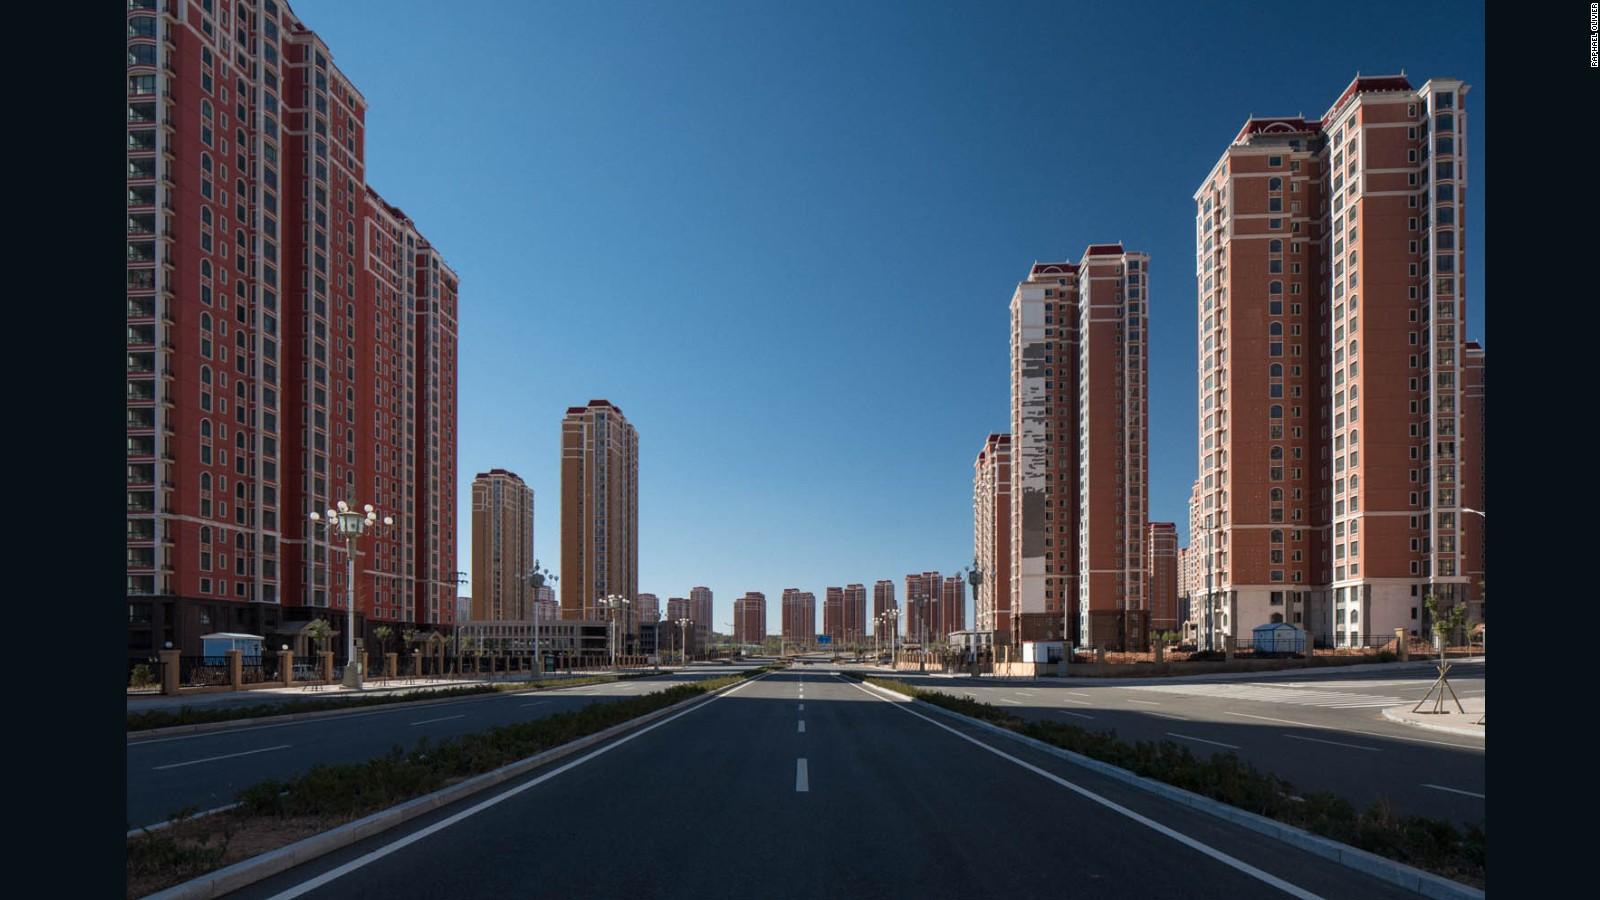 Г.Ордос – крупнейший город-призрак в Китае